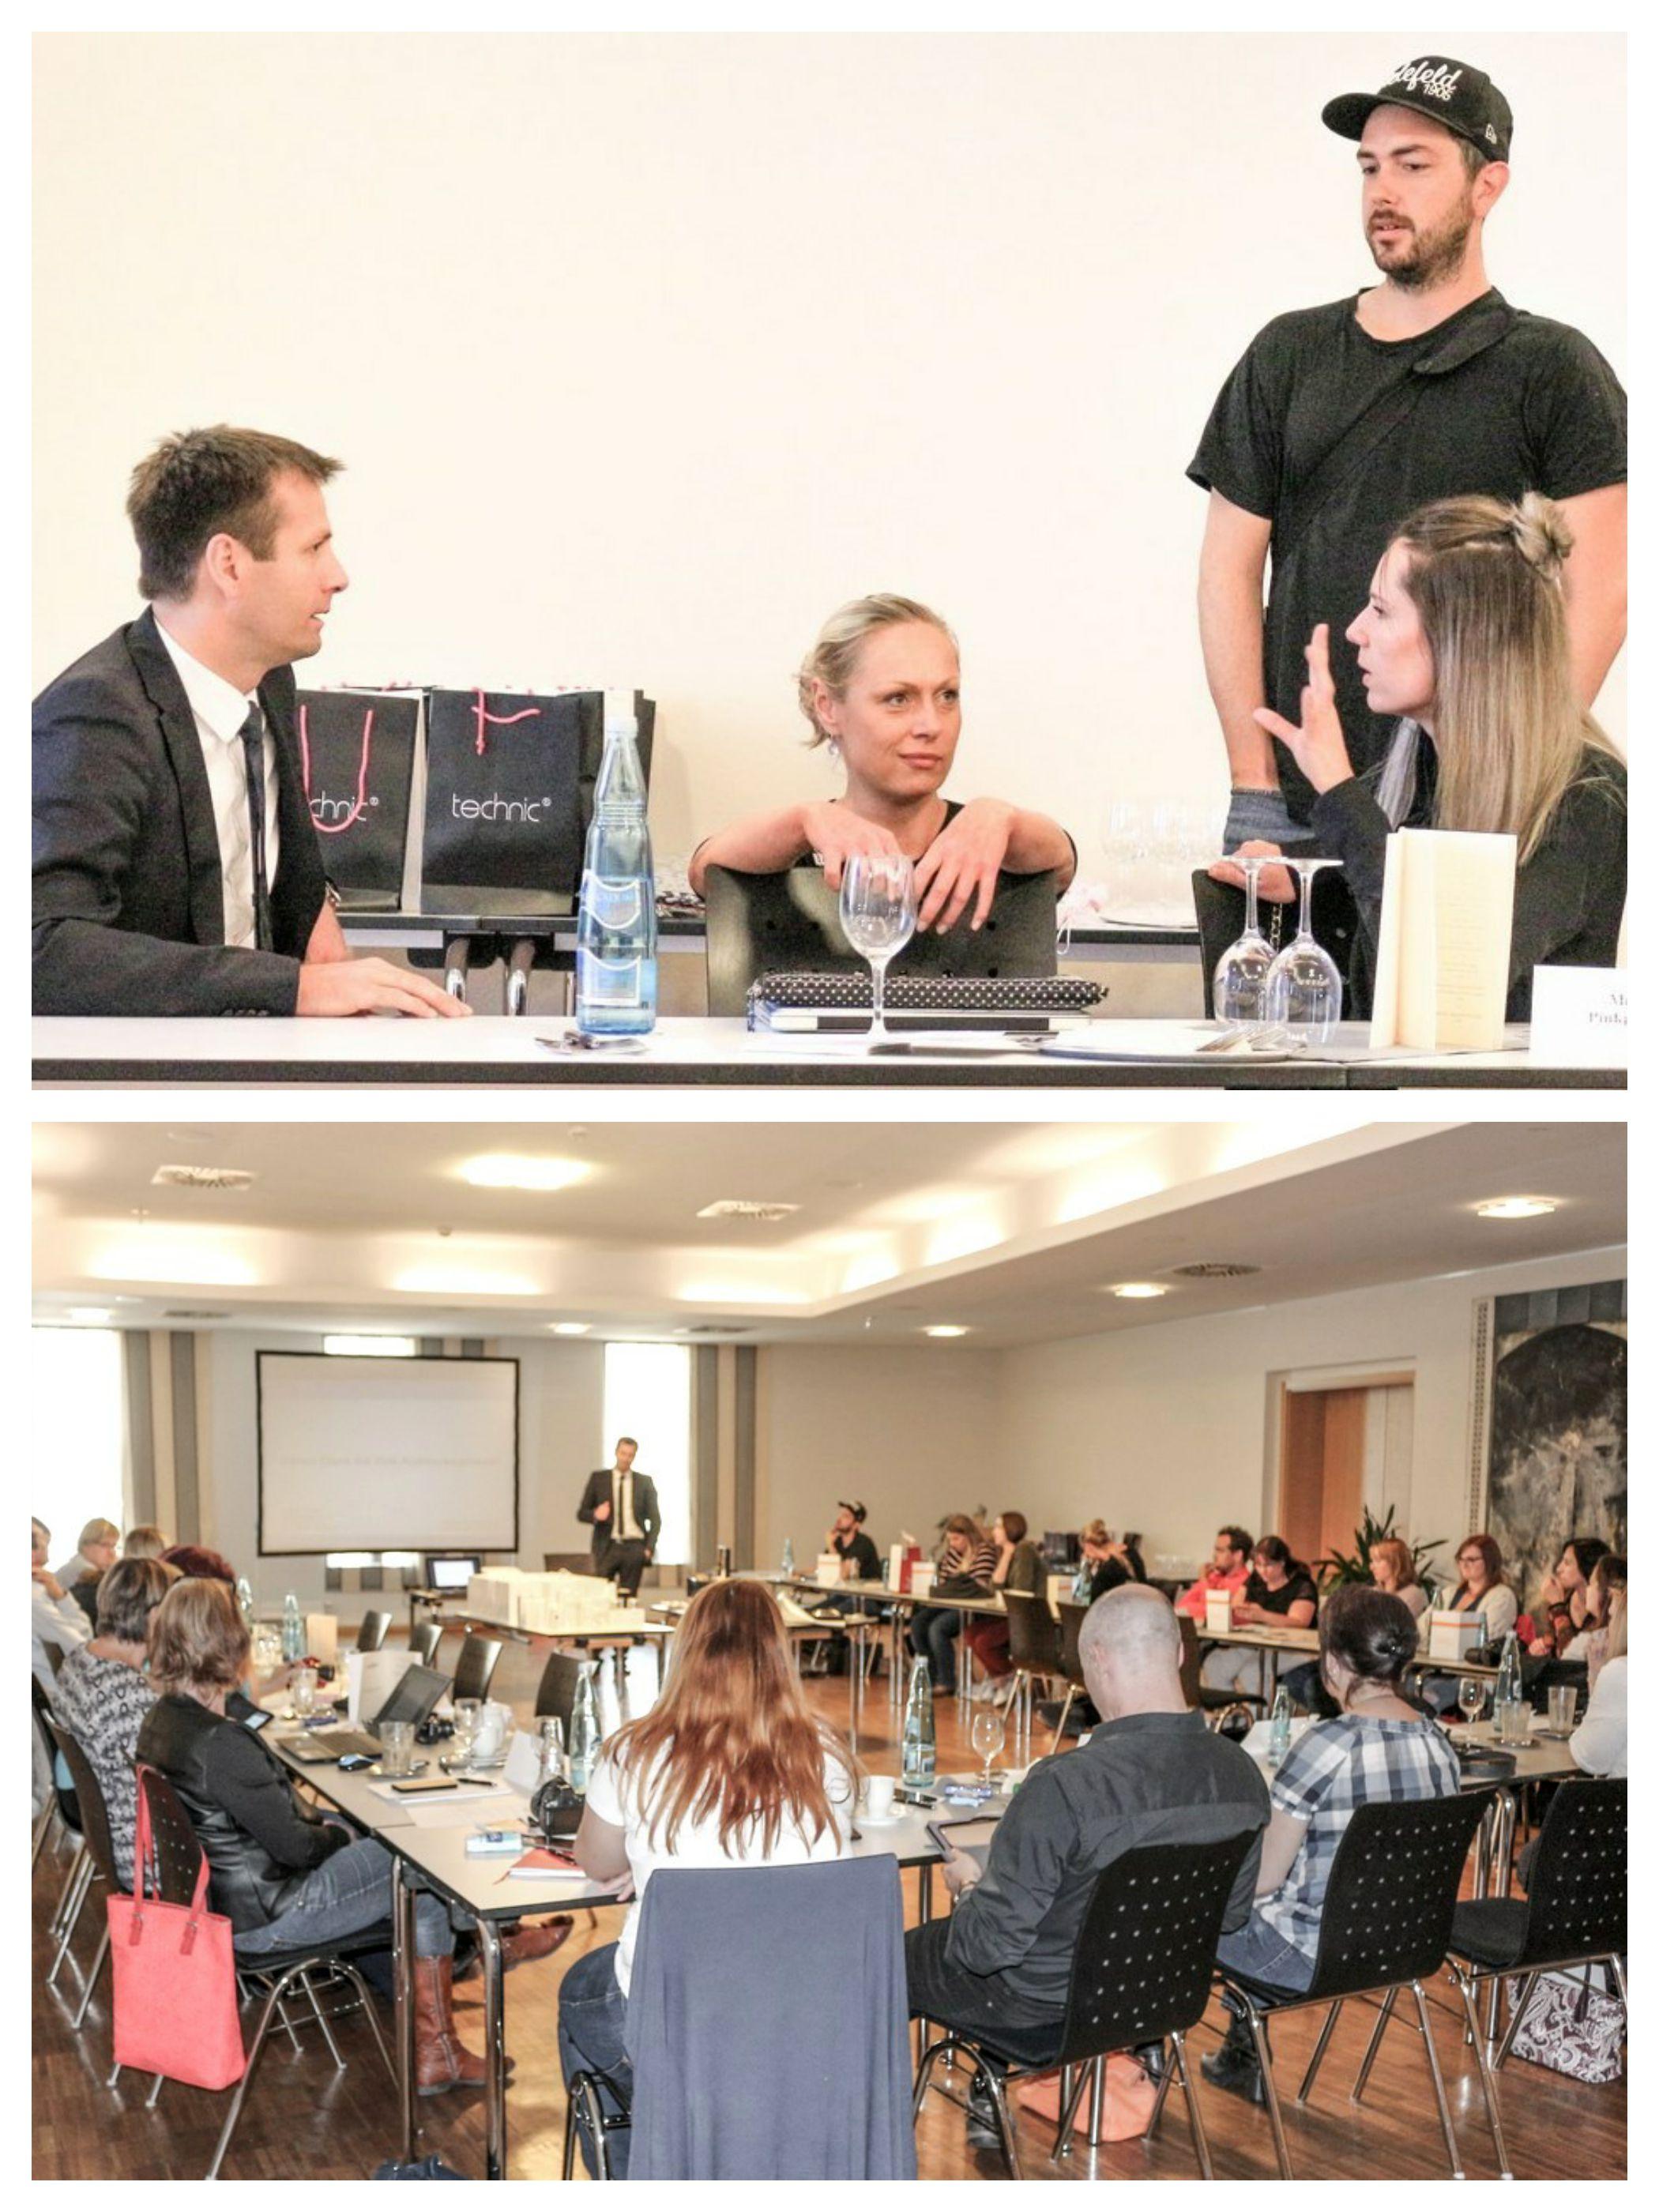 """Jedes Jahr im Herbst wird Paderborn zum echten Anziehpunkt für Blogger und Unternehmen. Denn dort findet das heiß begehrte Blogger Event statt. Die """"Product Blogger Lounge"""" ist ein jährliches Treff für Blogger, die sich intensiv mit Produkttests befassen. Die geballte Blogger-Power an einem Ort - so kann man wohl die beliebte Blogger-Veranstaltung in Paderborn beschreiben. Sowohl erfahrene Bloggerinnen als auch Anfängerinnen sind dabei und fast alle Themenbereiche sind abgedeckt: Mode, Beauty, Sport, Reisen, Lifestyle, Food, uvm. Das Event wurde von der Bloggerin Jenny Plappert vor fünf Jahren ins Leben gerufen und hat sofort die Herzen der Bloggerinnen erobert. Kein Wunder, denn das Event ist kein klassisches Bloggertreffen. Die PB, wie die Veranstaltung unter Insidern genannt wird, ist viel mehr als nur ein Stammtisch. Es ist schon fast eine Blogger-Konferenz, wo Blogger viel lernen können. Product Blogger Lounge ist ein Ort, an dem Blogger und Unternehmen ins Gespräch kommen, sich austauschen, offen mit einander reden und gemeinsame Kooperationen planen. Es sind nicht nur professionelle Speaker, interessante Produktvorstellungen und reger Austausch, die diese Veranstaltung auszeichnen. Es ist eine warmherzige Atmosphäre, die perfekte Organisation und interessante Teilnehmer, die die Veranstaltung so attraktiv für die Blogger, Sponsoren und Speaker machen. Die Veranstaltung ist so beliebt, dass die Blogger aus allen Ecken des Landes zum Event strömen und sogar unbequeme Verbindungen auf sich nehmen, nur um dabei zu sein. Die Plätze sind natürlich schnell ausgebucht. Auch in diesem Jahr findet das Blogger Event wieder statt und zwar am 30.09.2017. Die Anmeldung für die Blogger ist bereits geschlossen, aber es gibt noch freie Plätze für Sponsoren und Unternehmen, die ihre Marken vorstellen wollen. Weitere Informationen und Bedingungen kann man unter info@shadownlight.de anfordern. Warum sind Blogger Events so wichtig für Unternehmen Die meisten Möglichkeiten sich zu"""